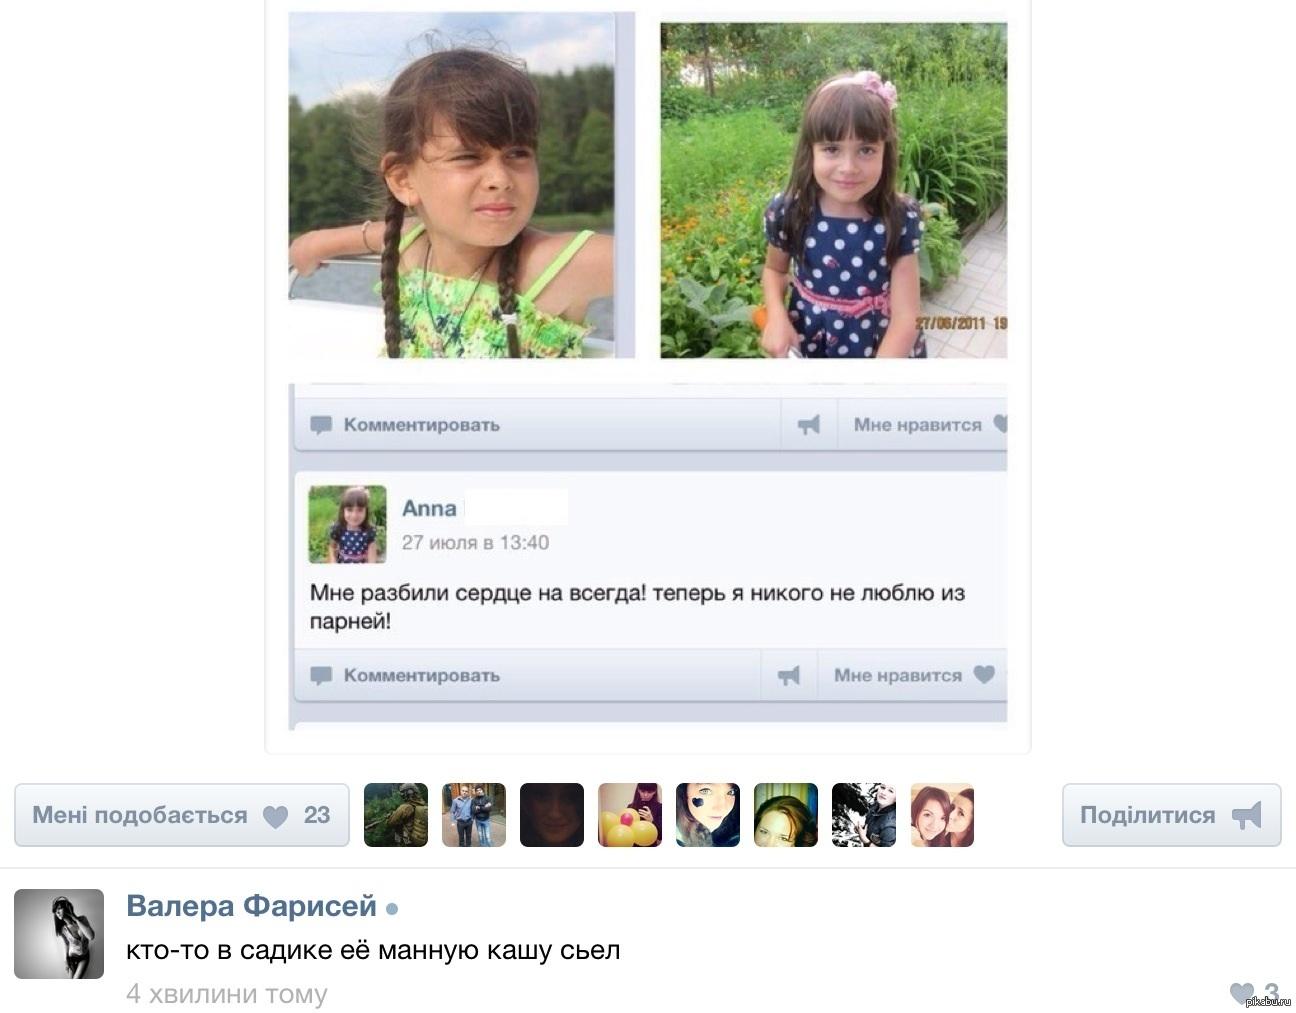 Написать комментарии девушке к фото в контакте